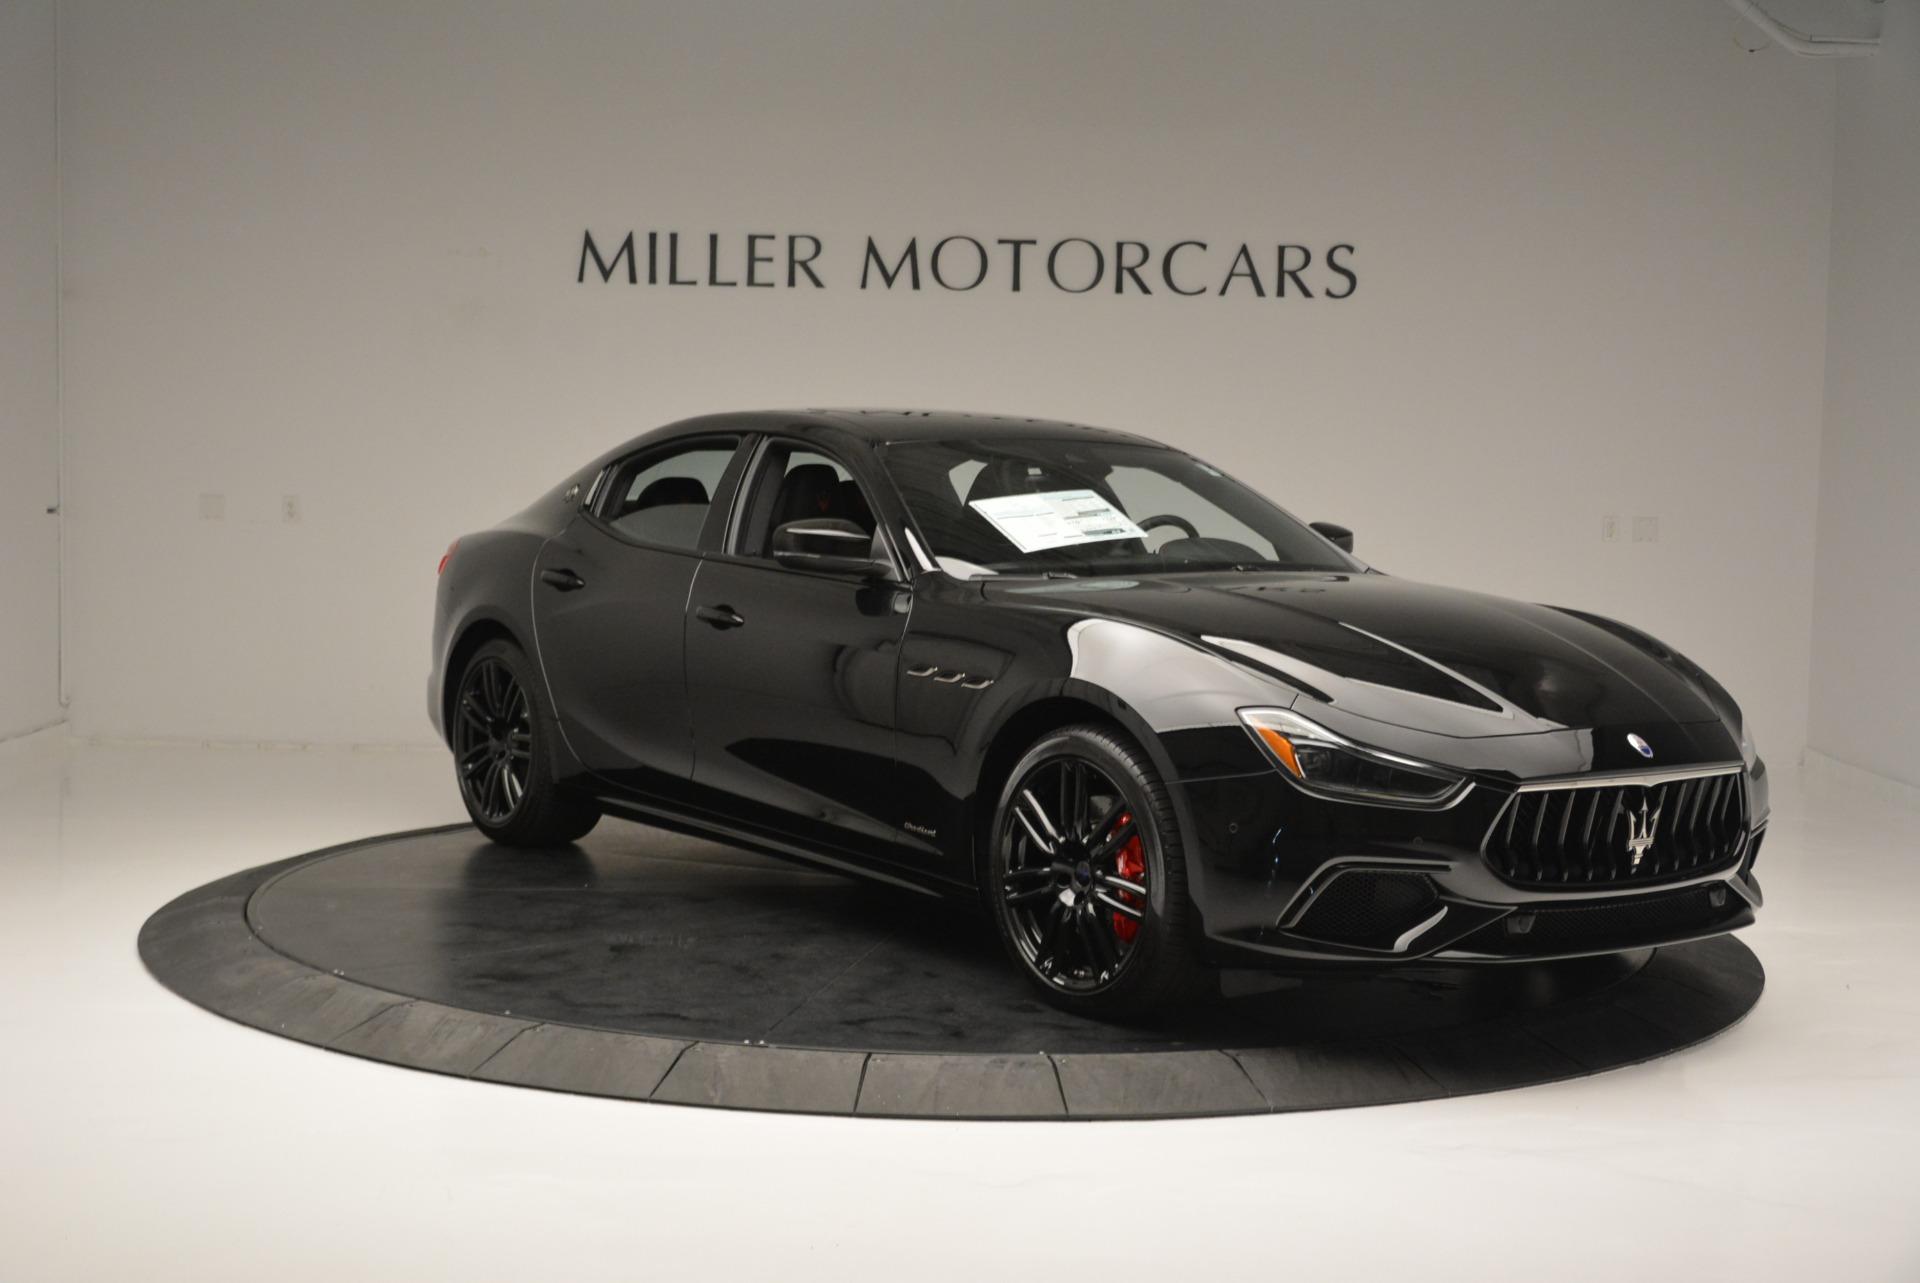 New 2018 Maserati Ghibli SQ4 GranSport Nerissimo For Sale In Greenwich, CT 2368_p11